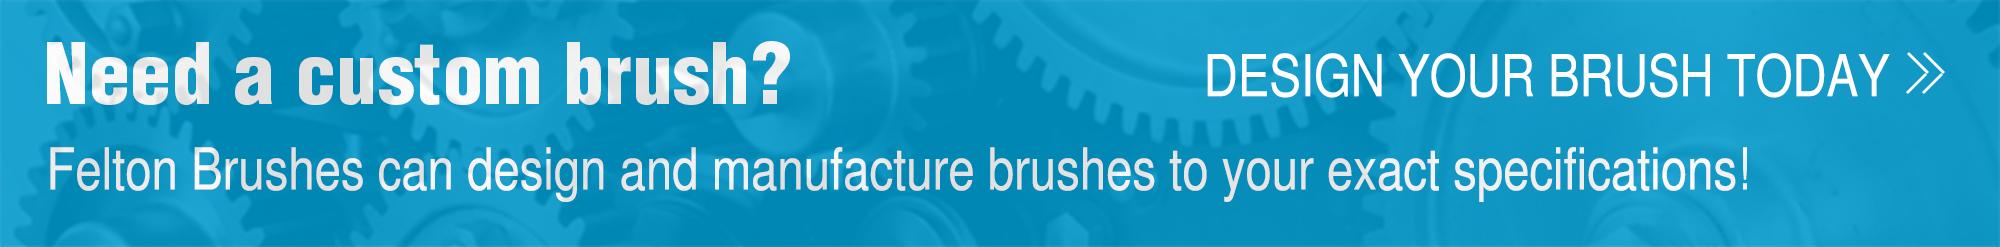 custom brush banner